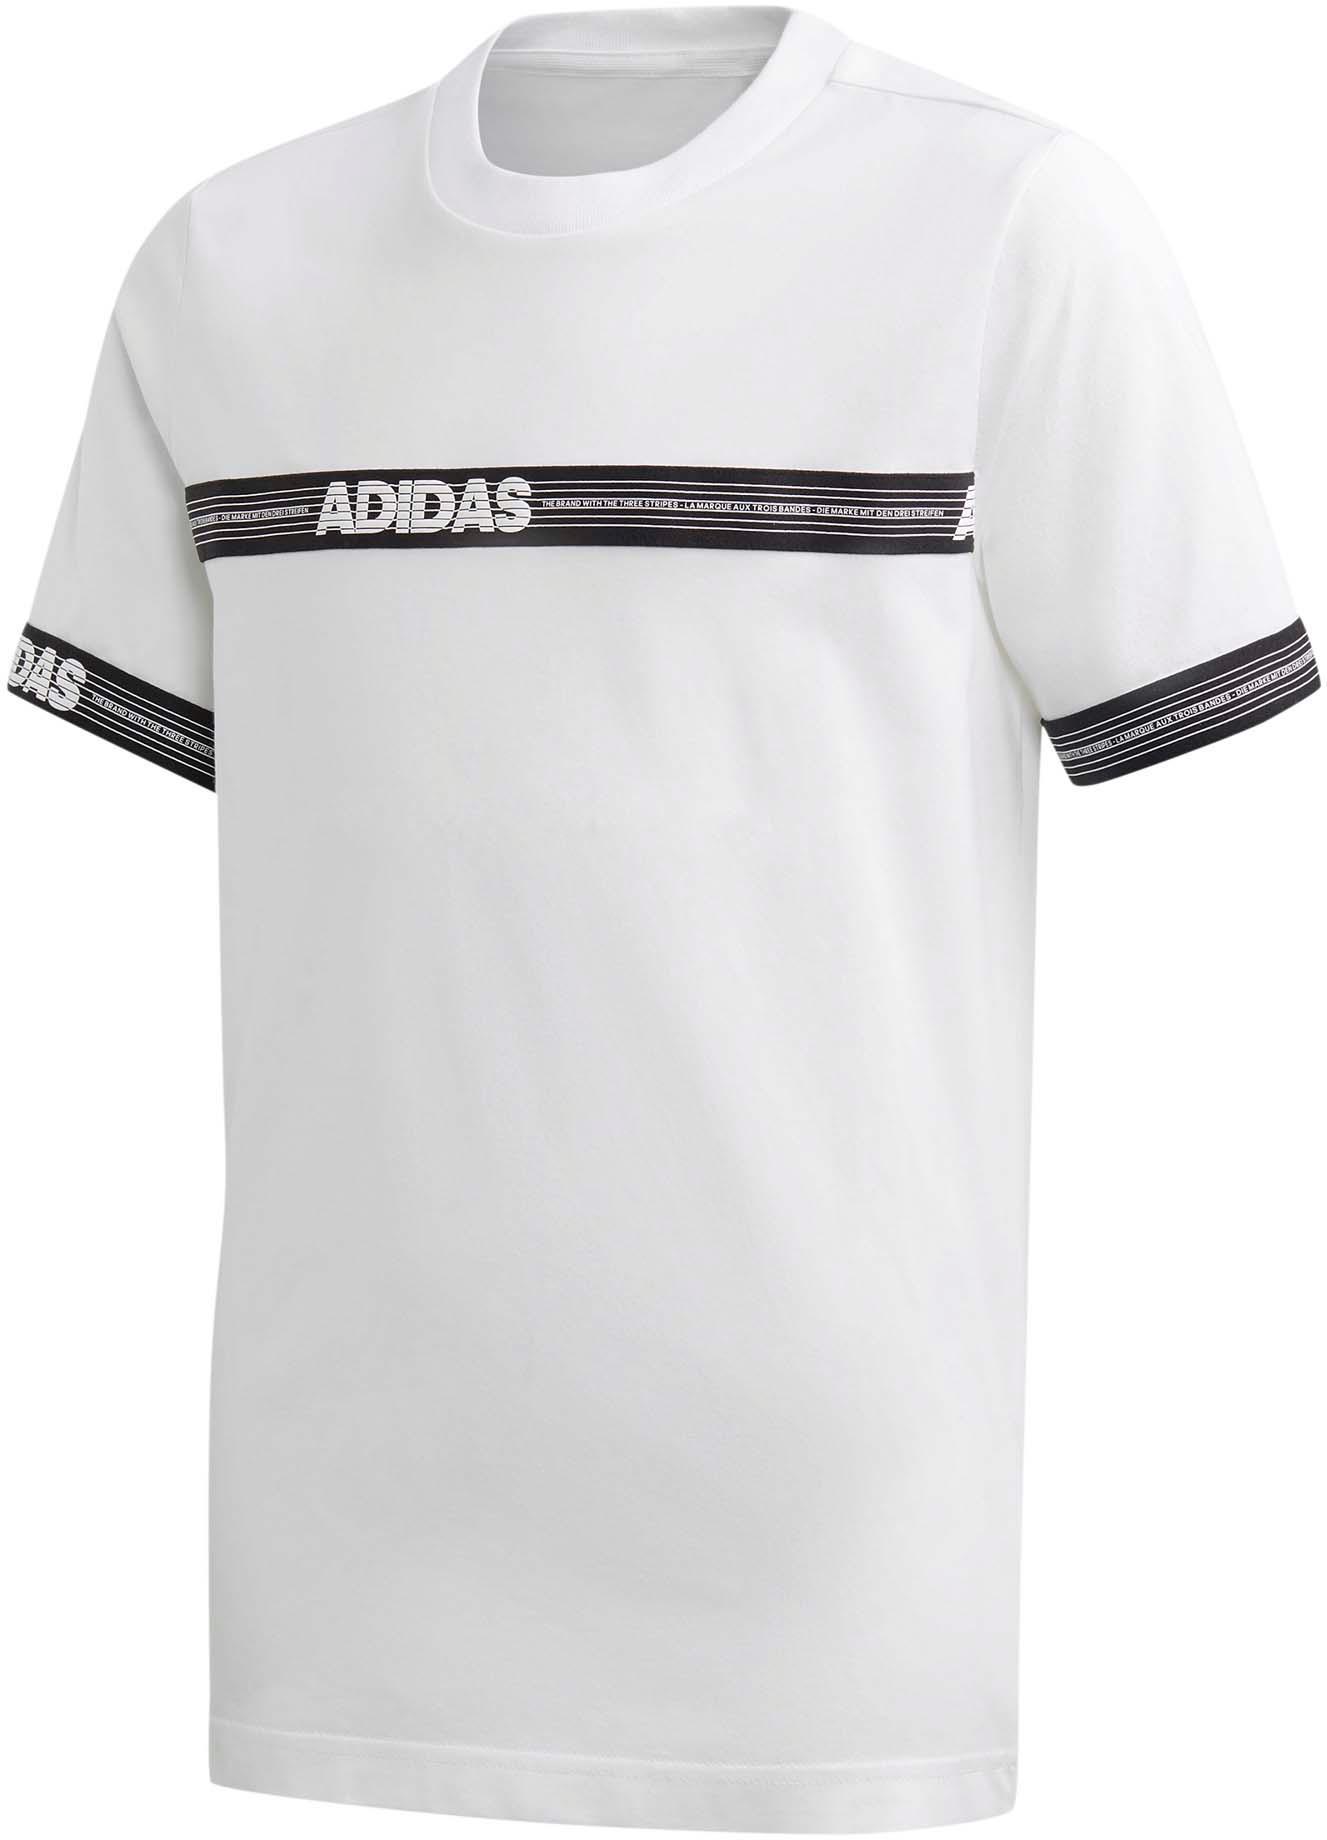 adidas Sport ID T Shirt Damen white im Online Shop von SportScheck kaufen